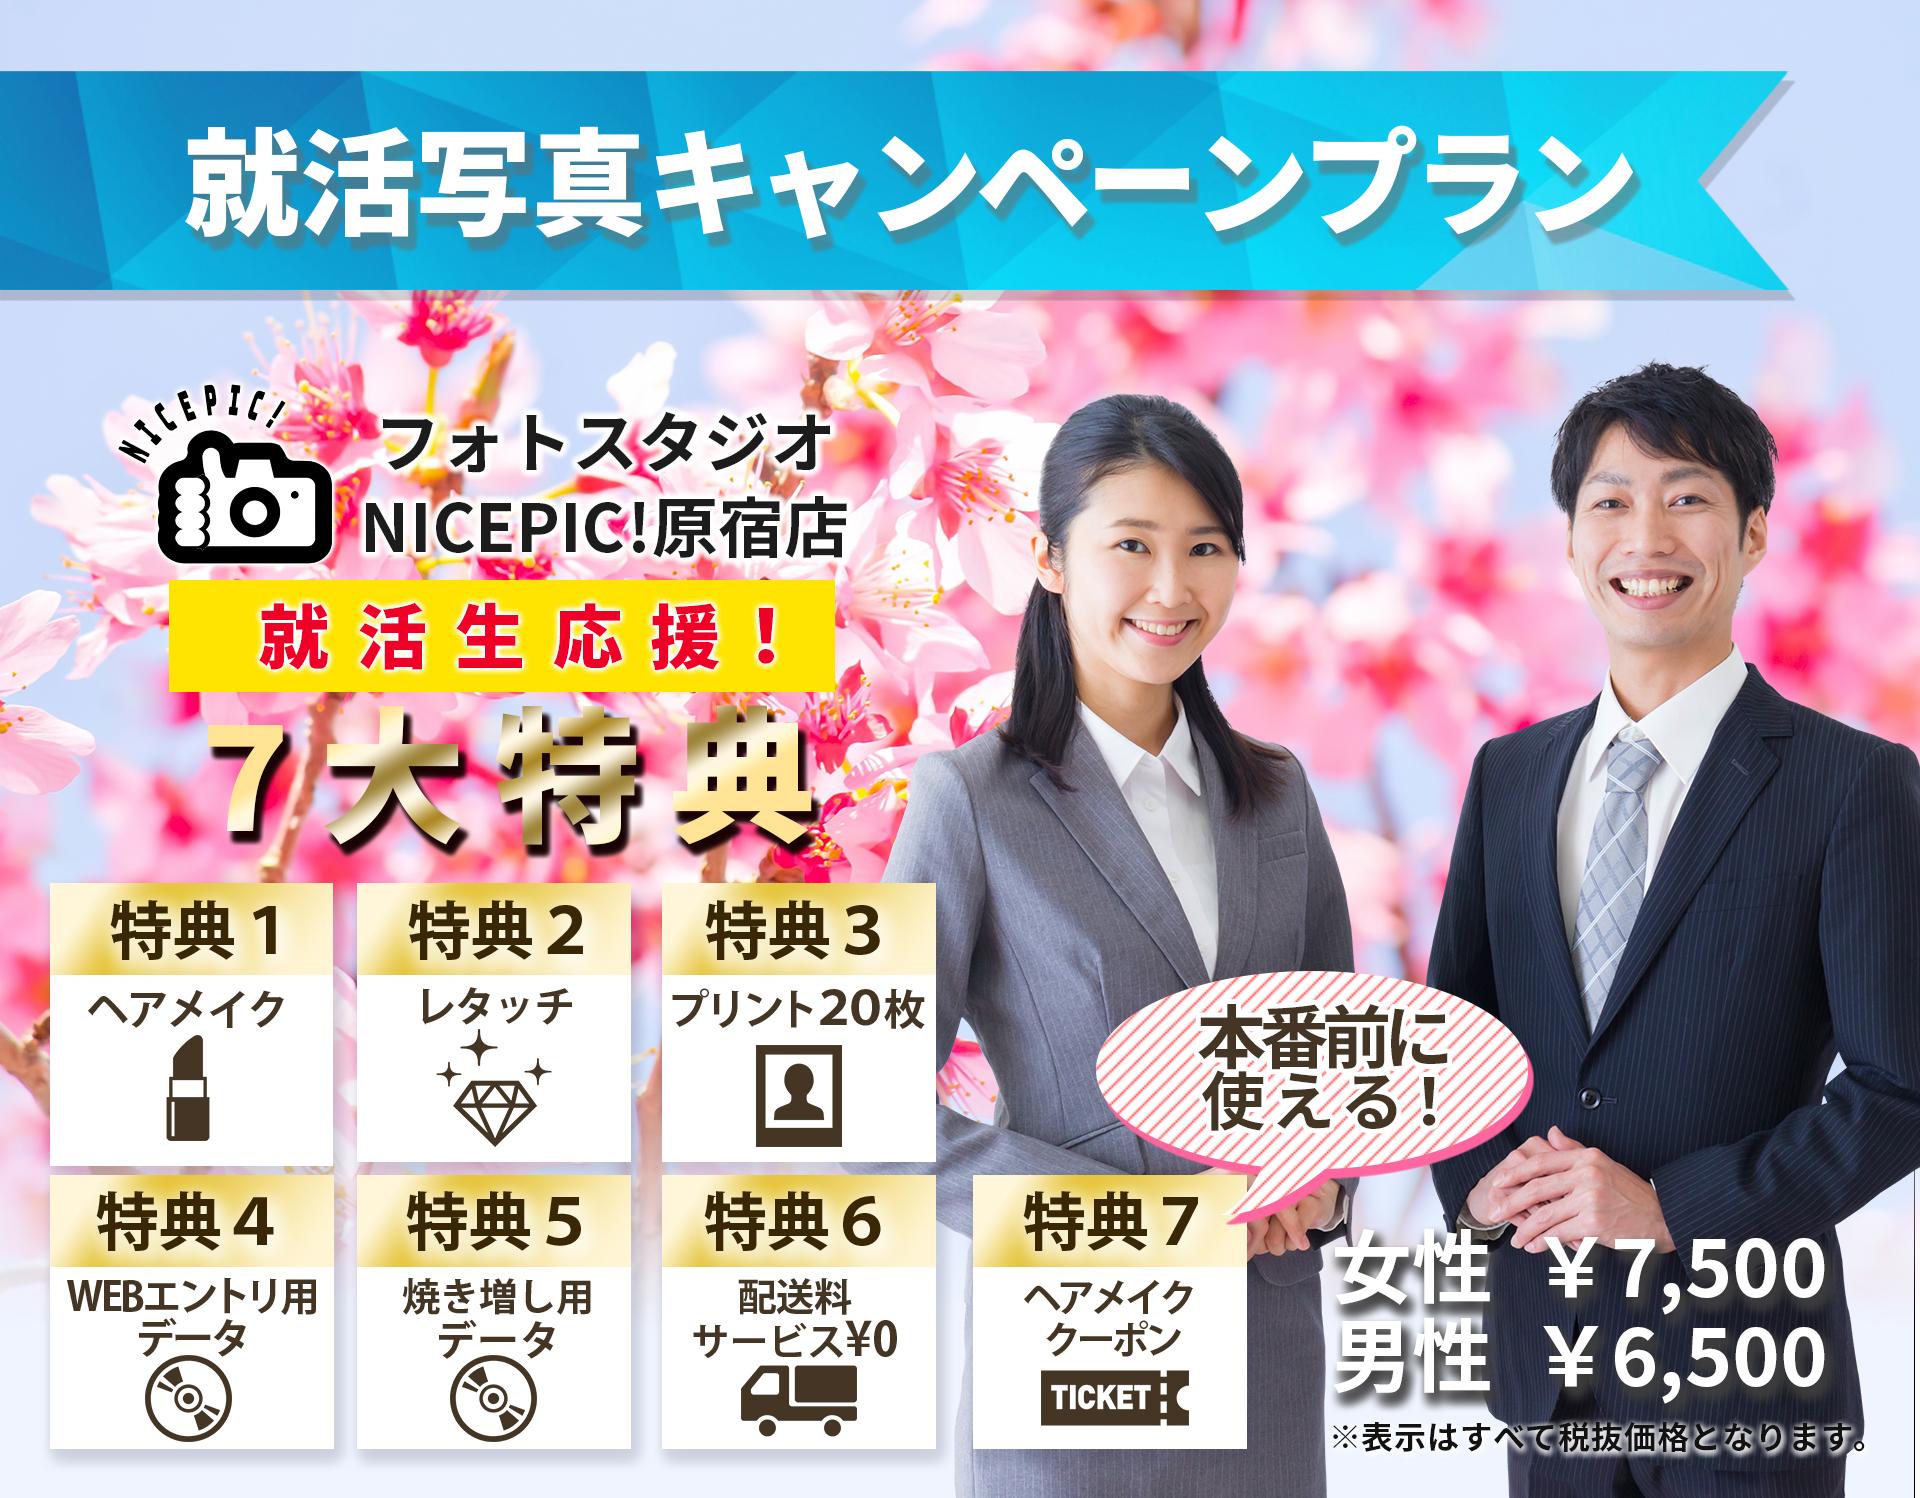 就活応援キャンペーン履歴書証明写真を特別価格でご提供中!(2019年4月末まで)